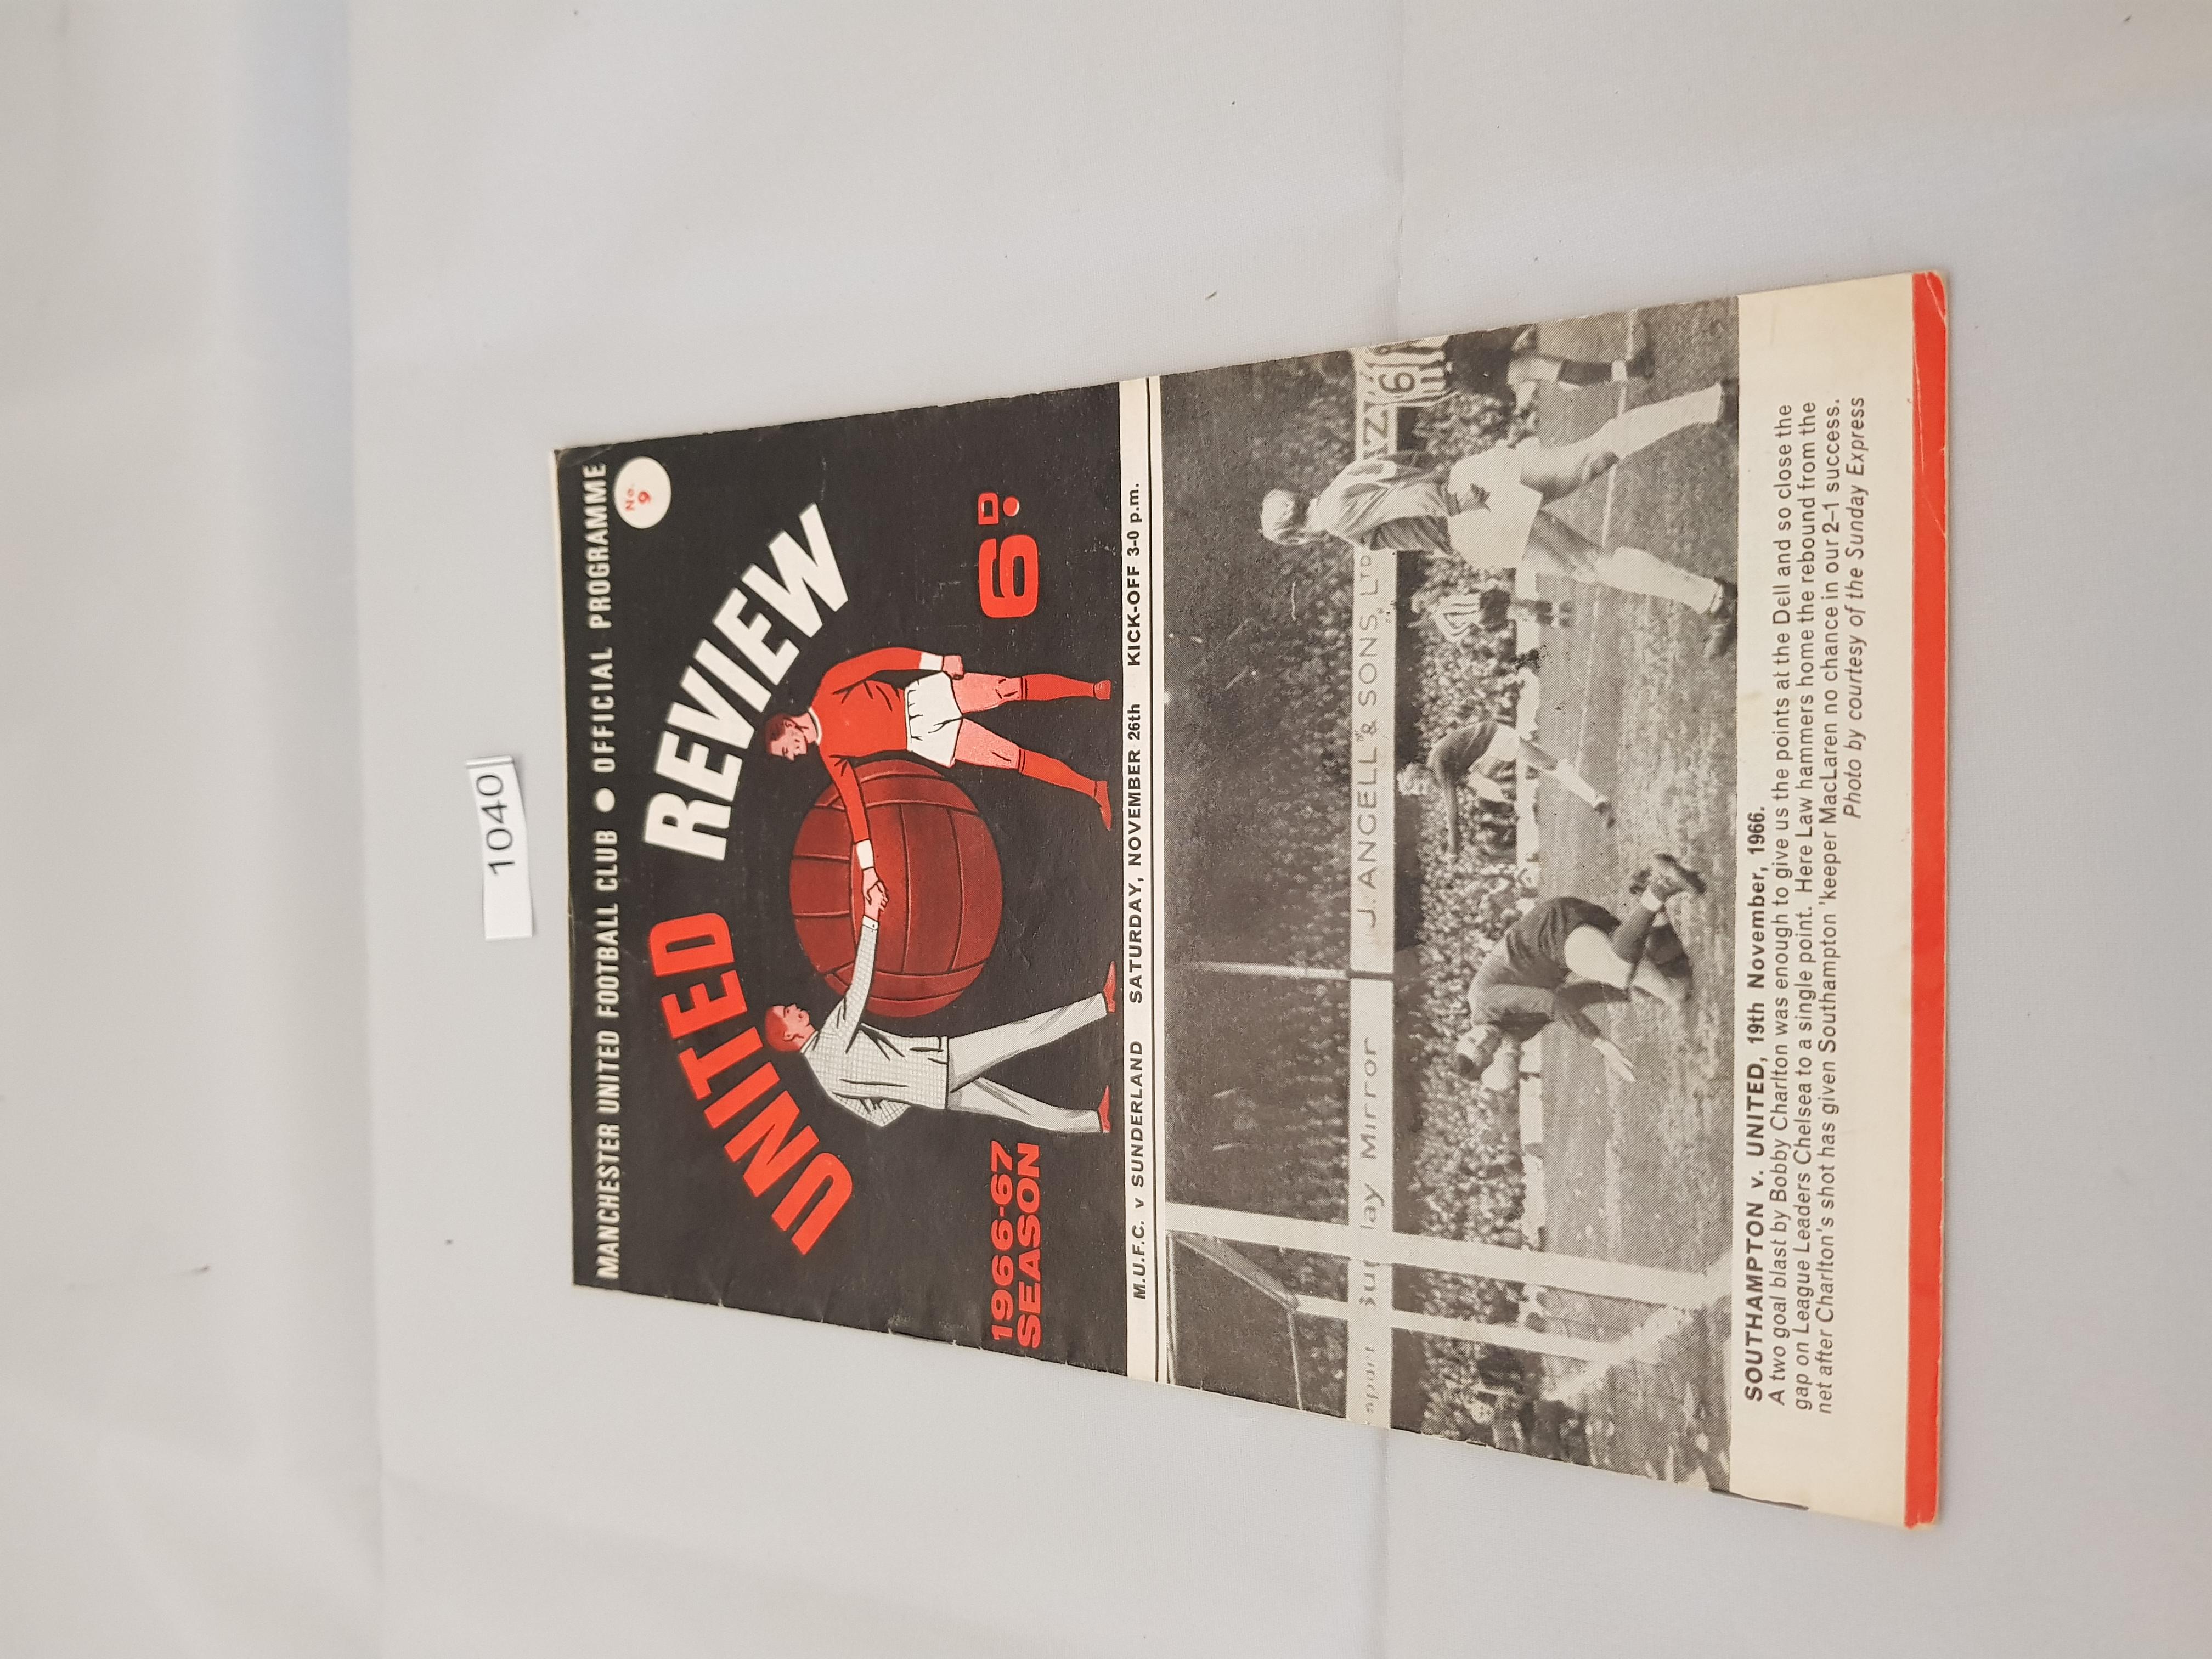 Manchester United v Sunderland 26th November 1966